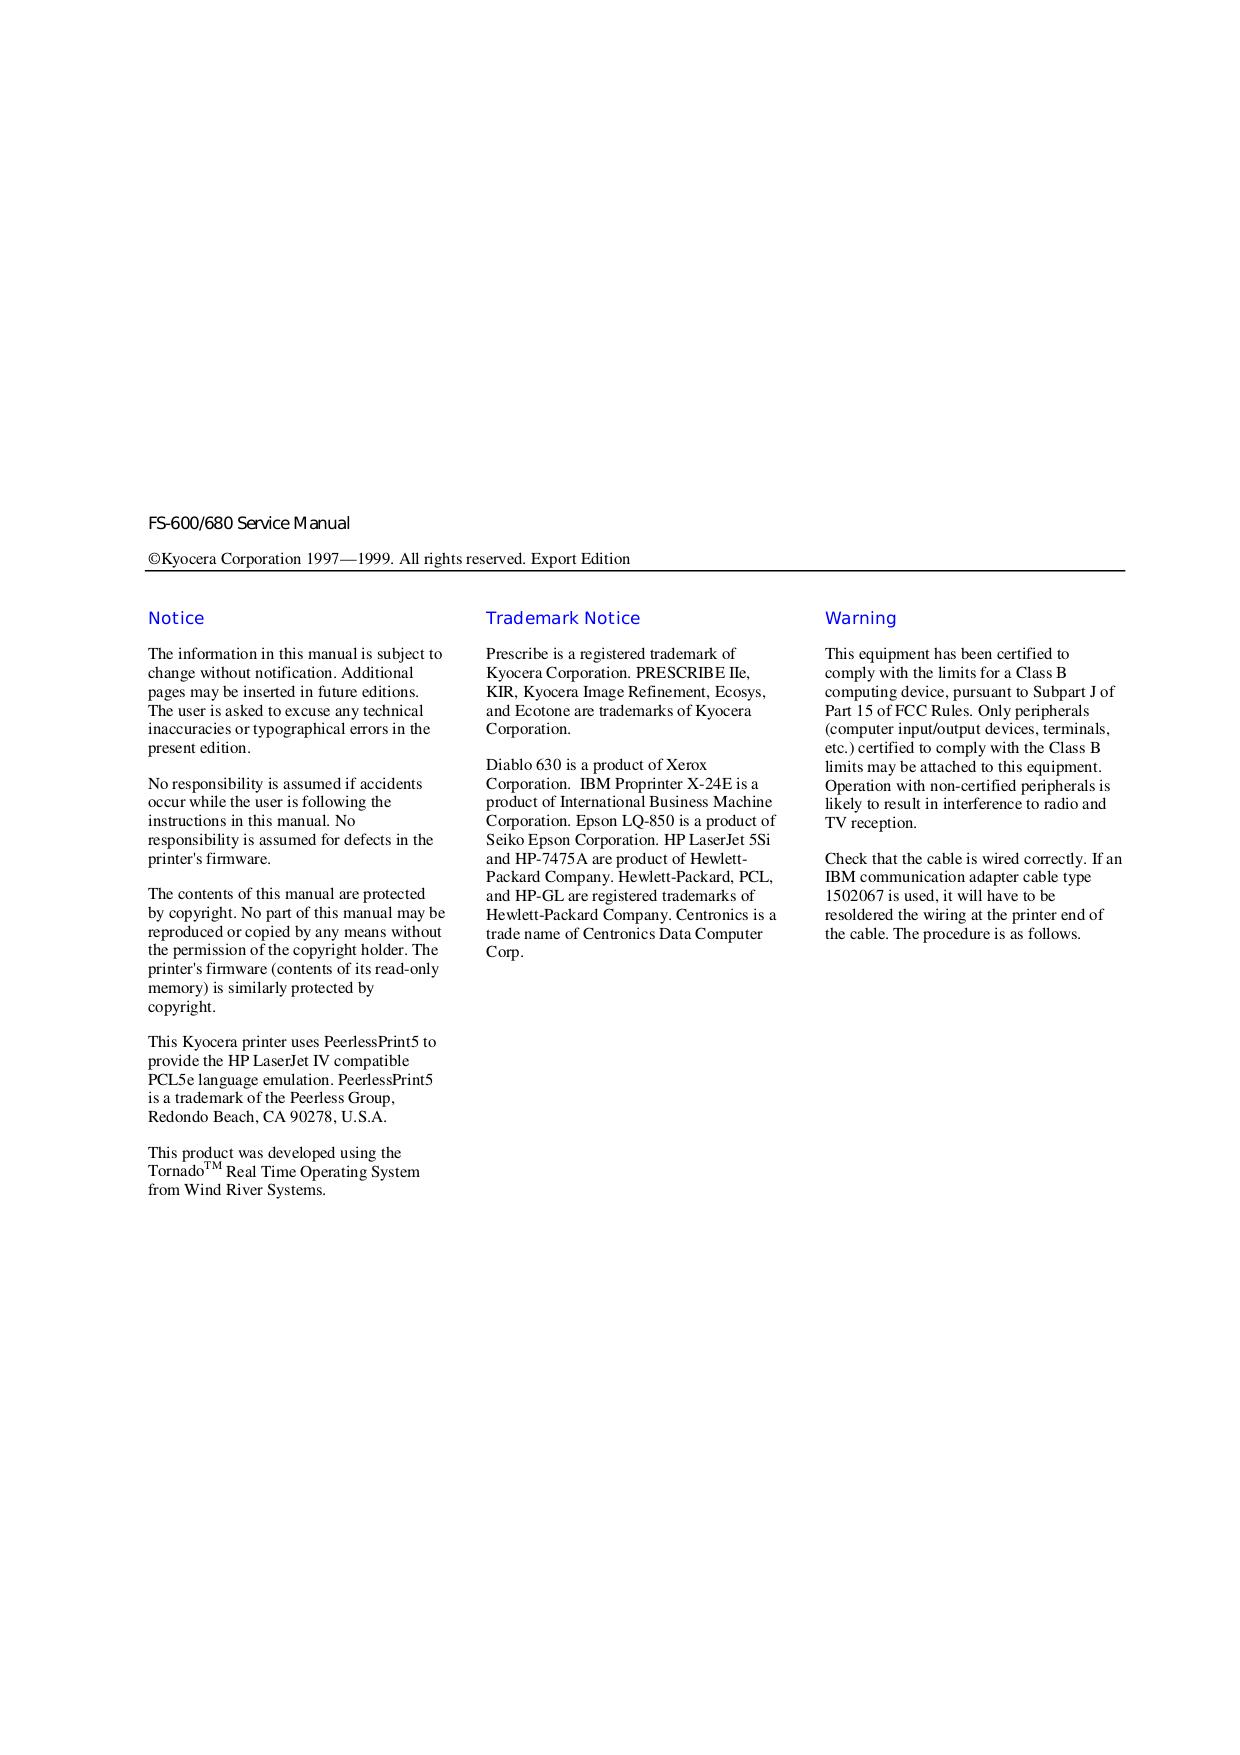 PDF manual for Kyocera Printer FS-8000C